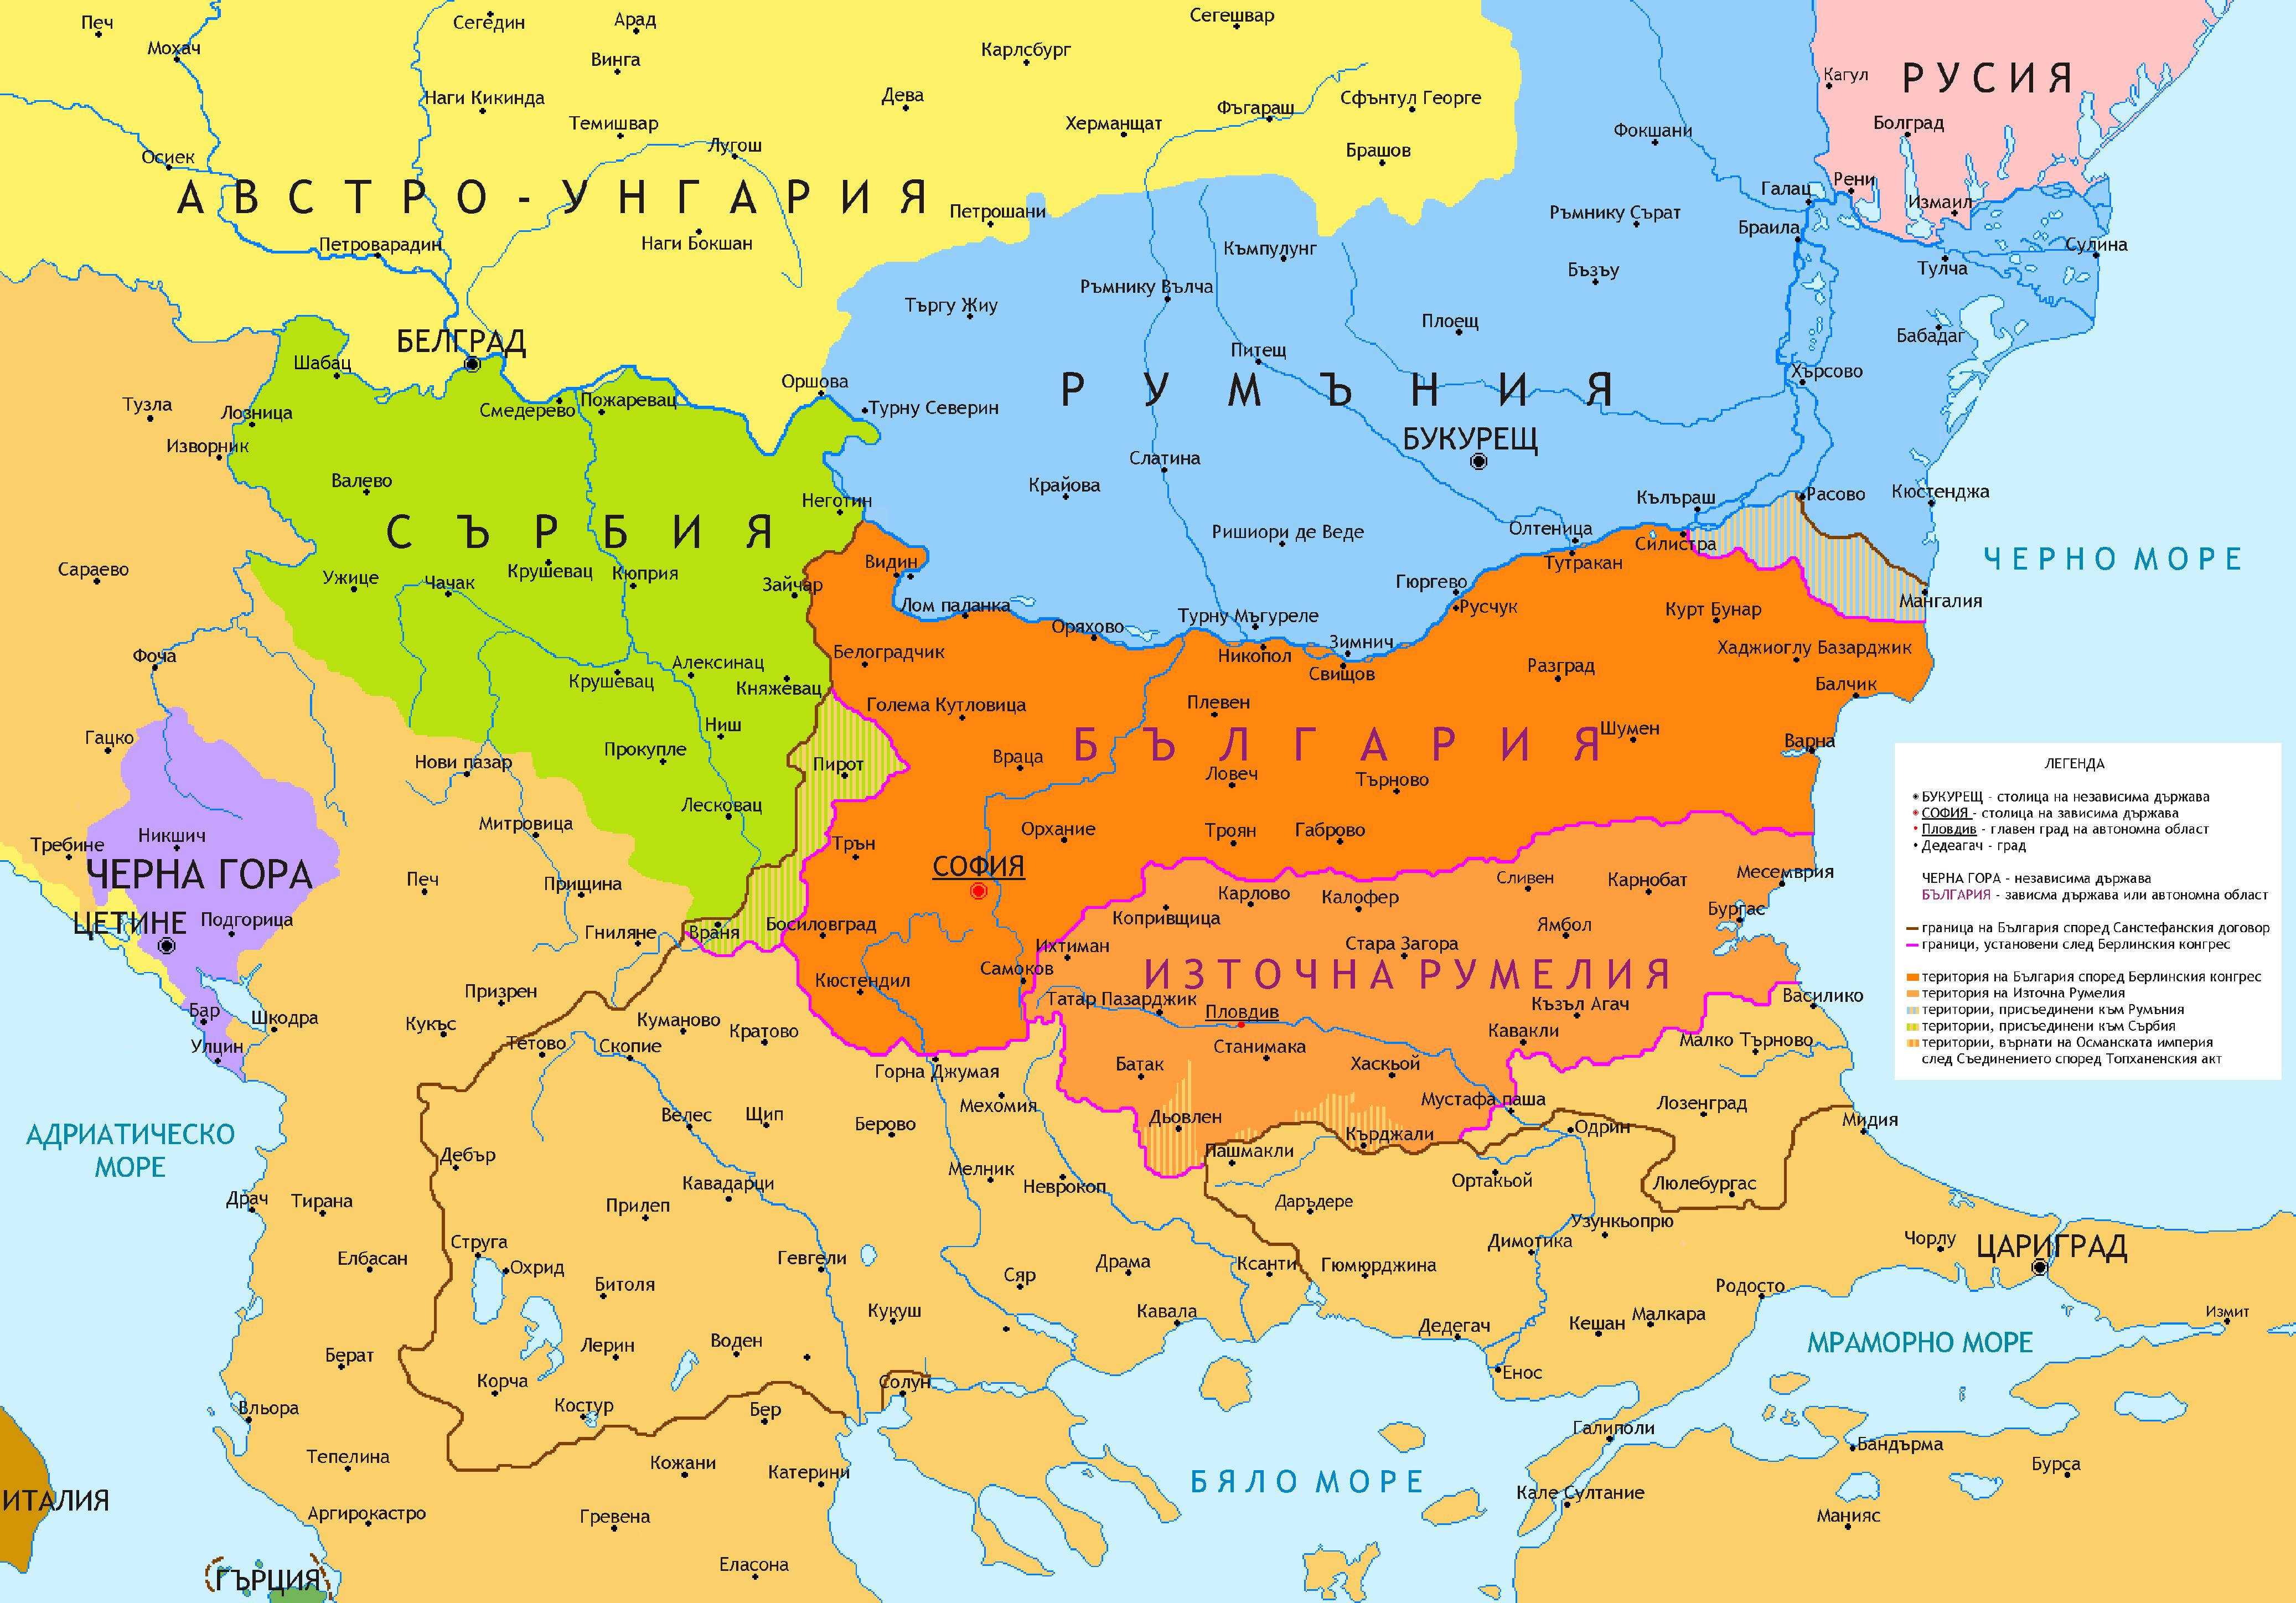 Karta Balkana 1878.Atlas Of Montenegro Wikimedia Commons